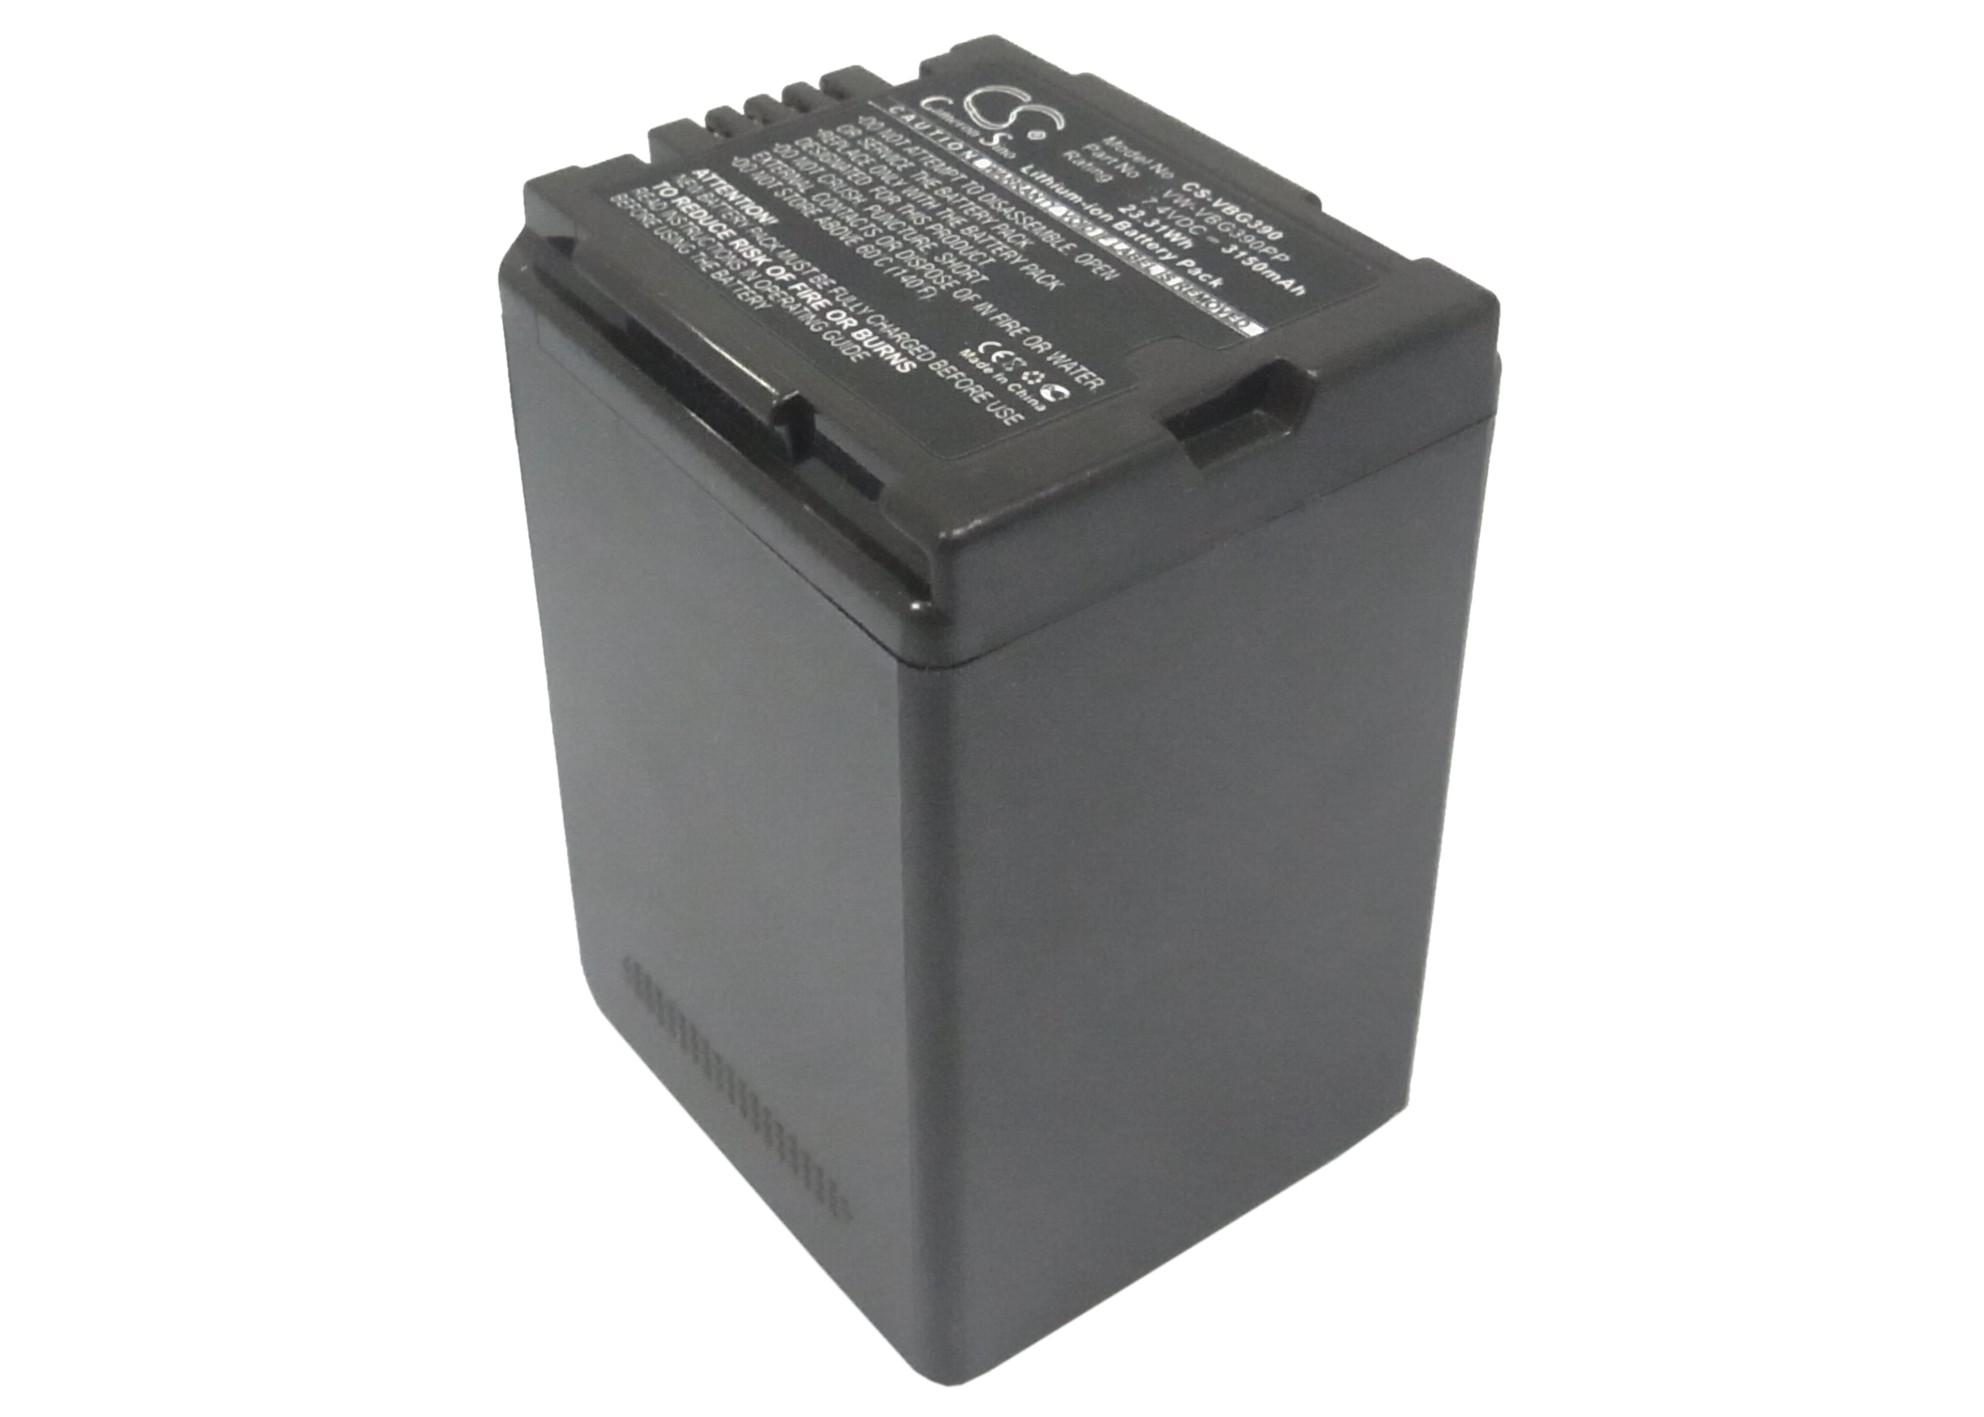 Cameron Sino baterie do kamer a fotoaparátů pro PANASONIC HDC-SD9 7.4V Li-ion 3150mAh šedá - neoriginální